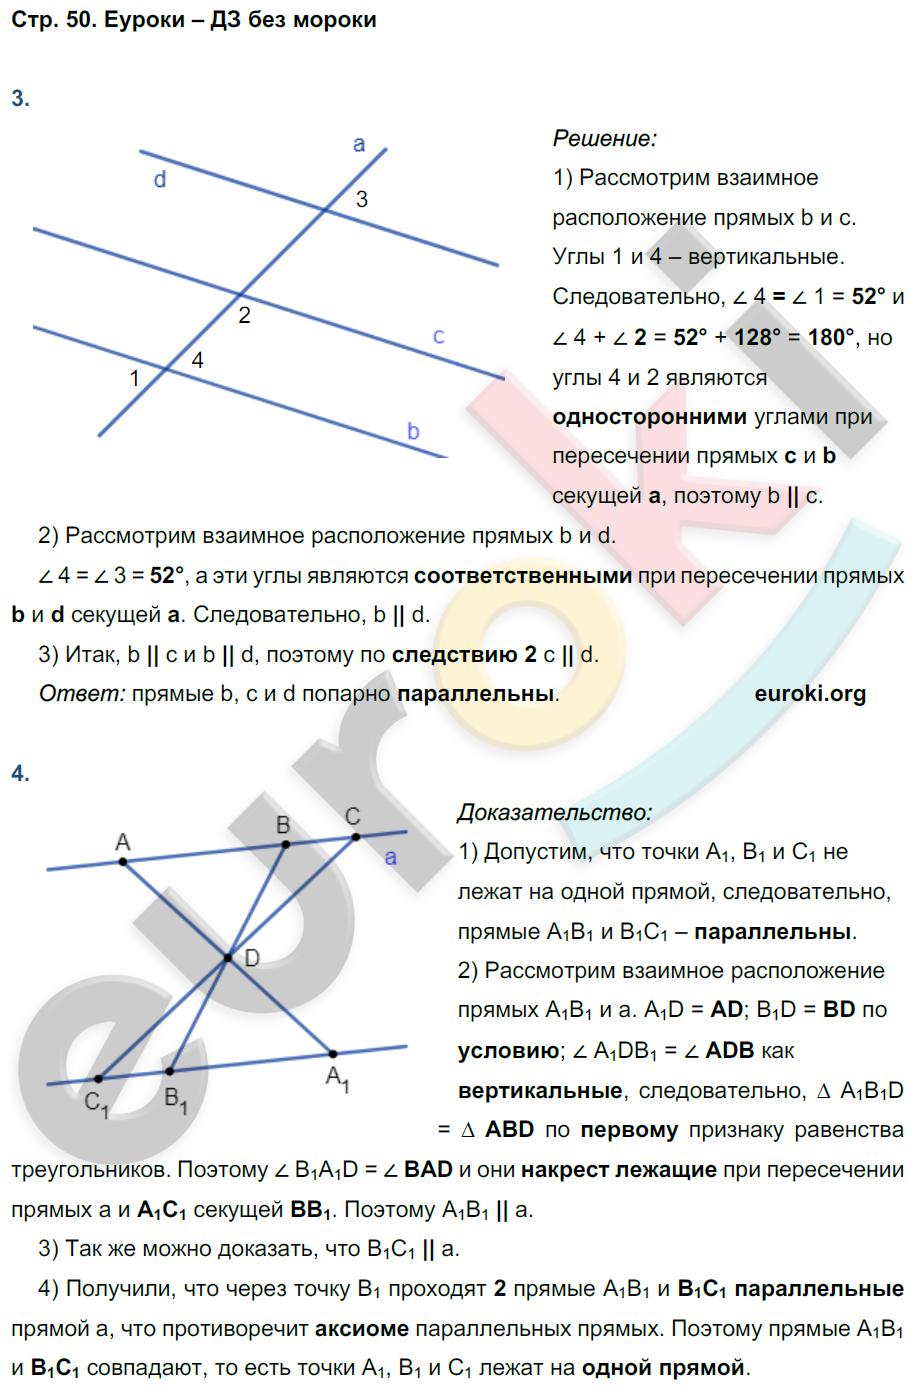 ГДЗ по геометрии 7 класс рабочая тетрадь Глазков, Камаев. К учебнику Атанасяна. Задание: стр. 50